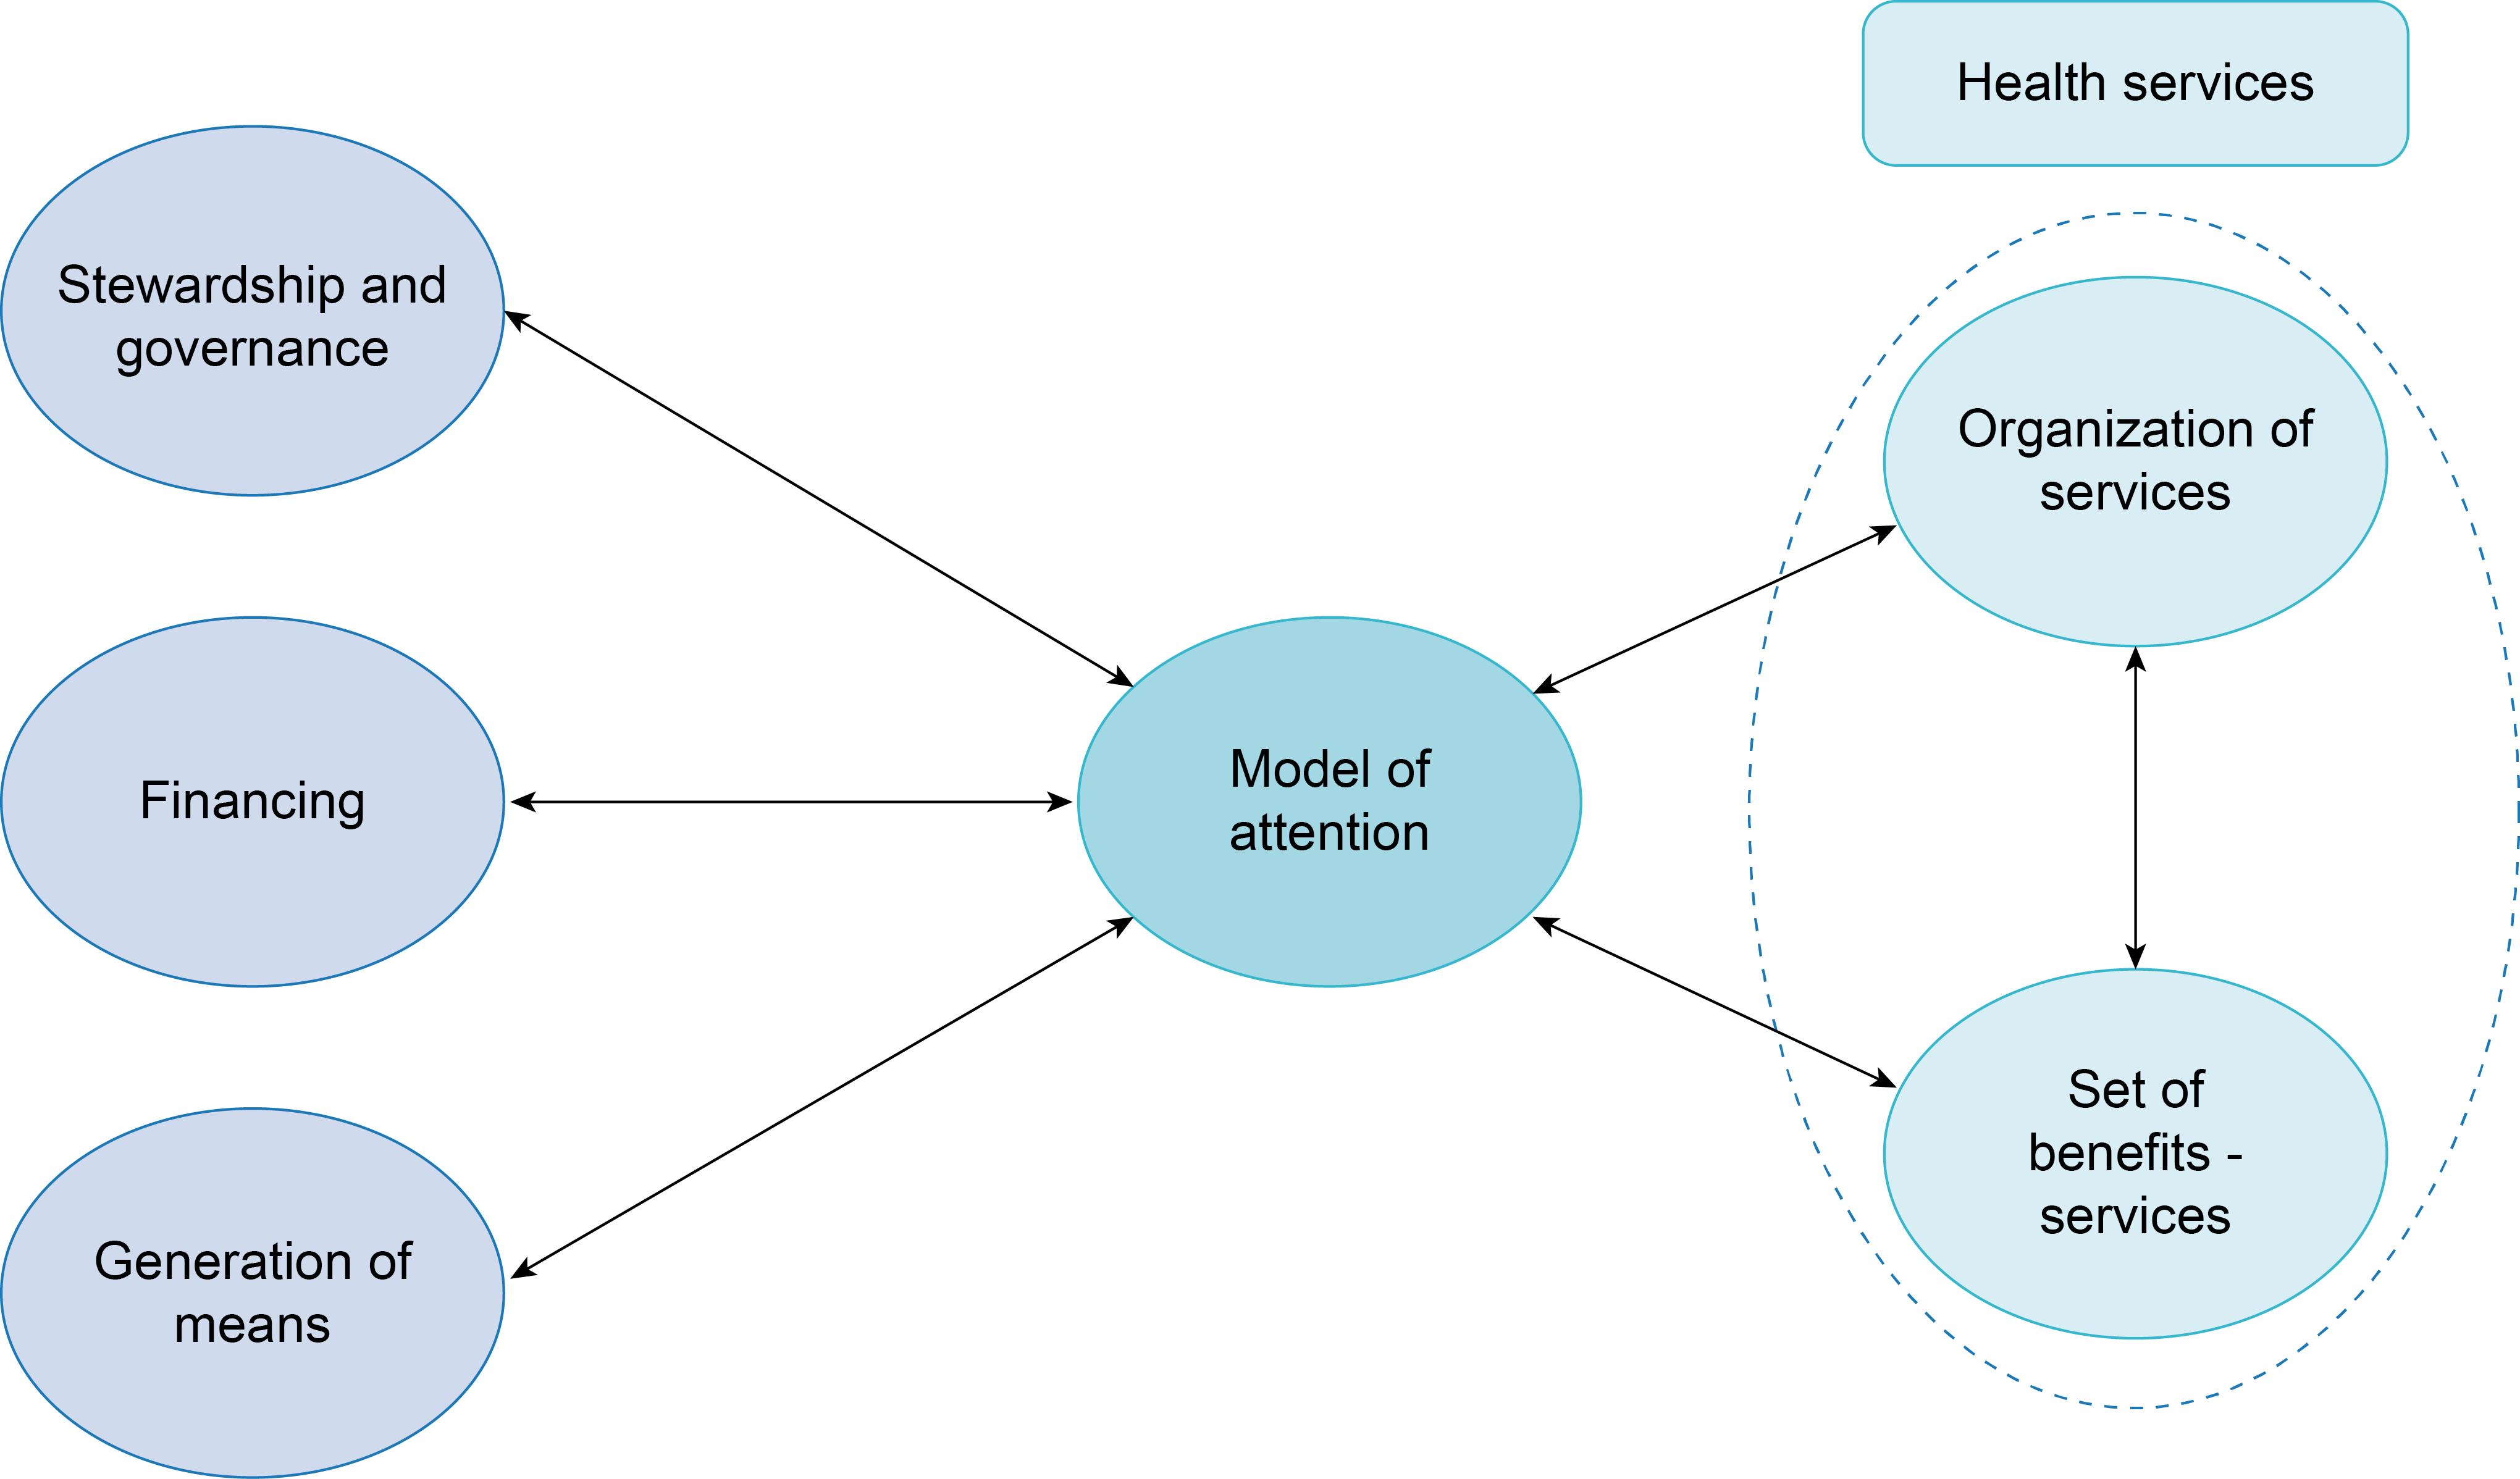 significado de psa 5.2